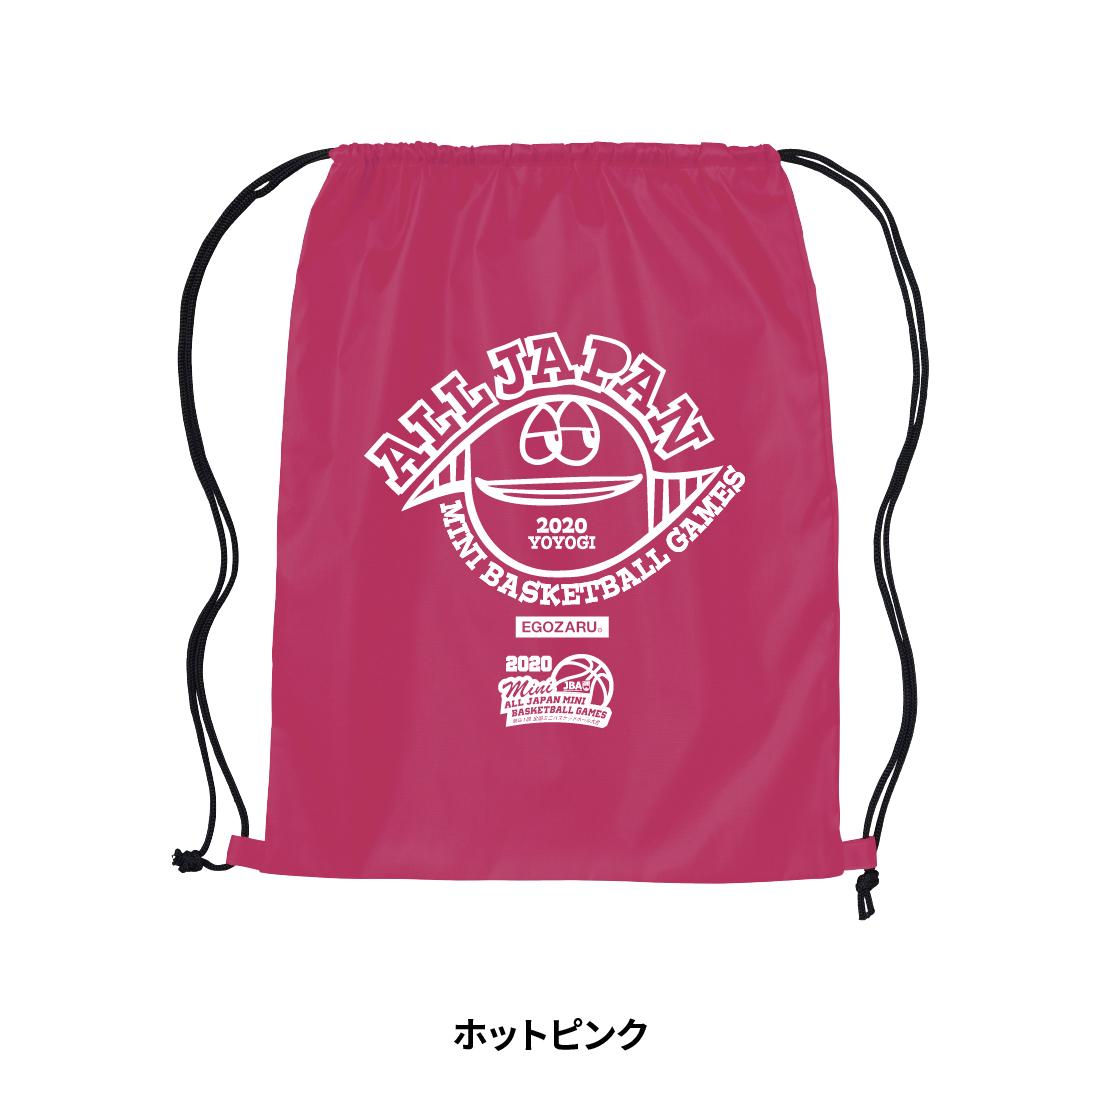 【第51回全ミニ限定】ナップサック ピンク